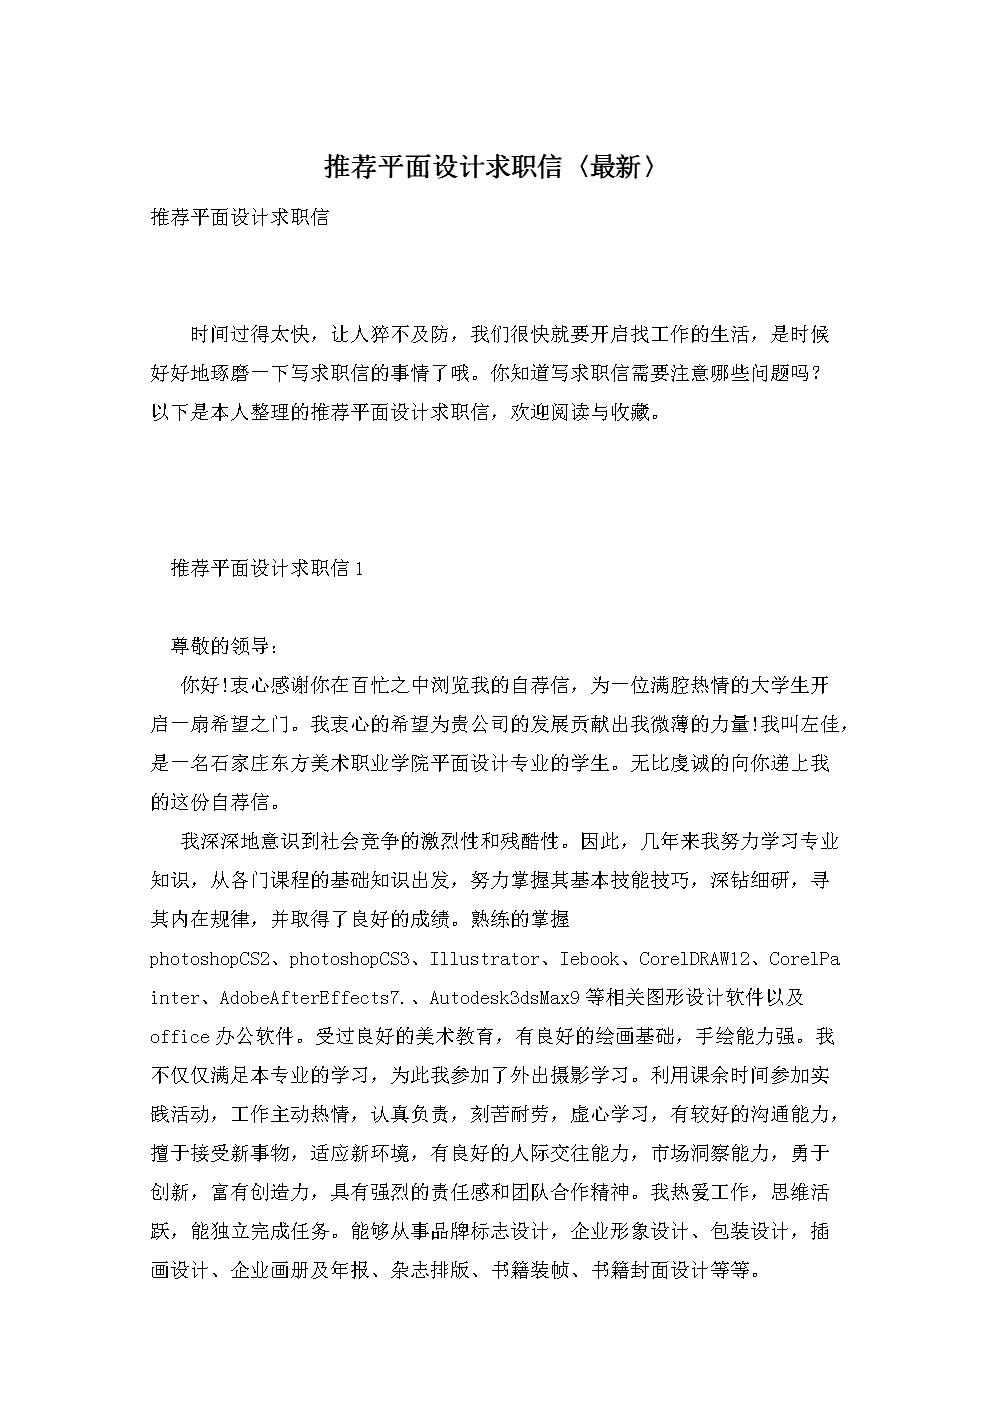 推荐平面设计求职信〈最新〉.doc